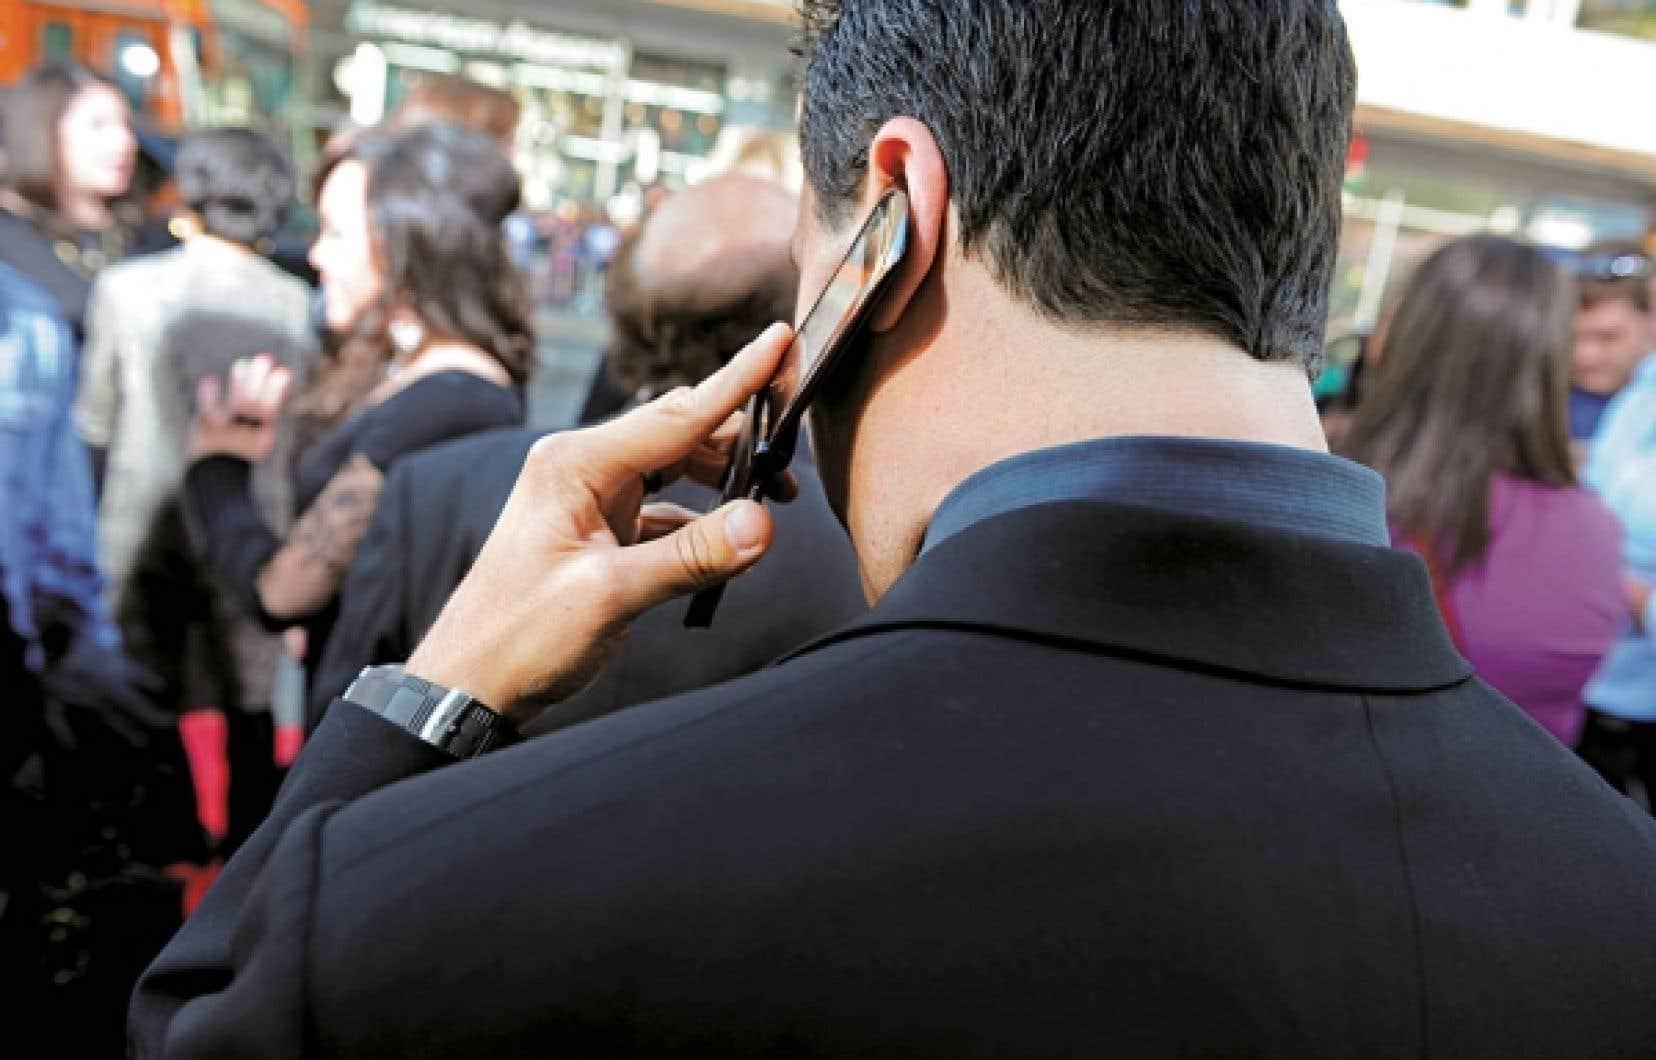 La chercheuse principale de l'étude Interphone, la Dre Elisabeth Cardis, plaide pour la poursuite des recherches sur l'impact des téléphones portables  un domaine peu exploité par les scientifiques malgré le fait que l'utilisation du portable ne cesse de se répandre un peu partout sur la planète.